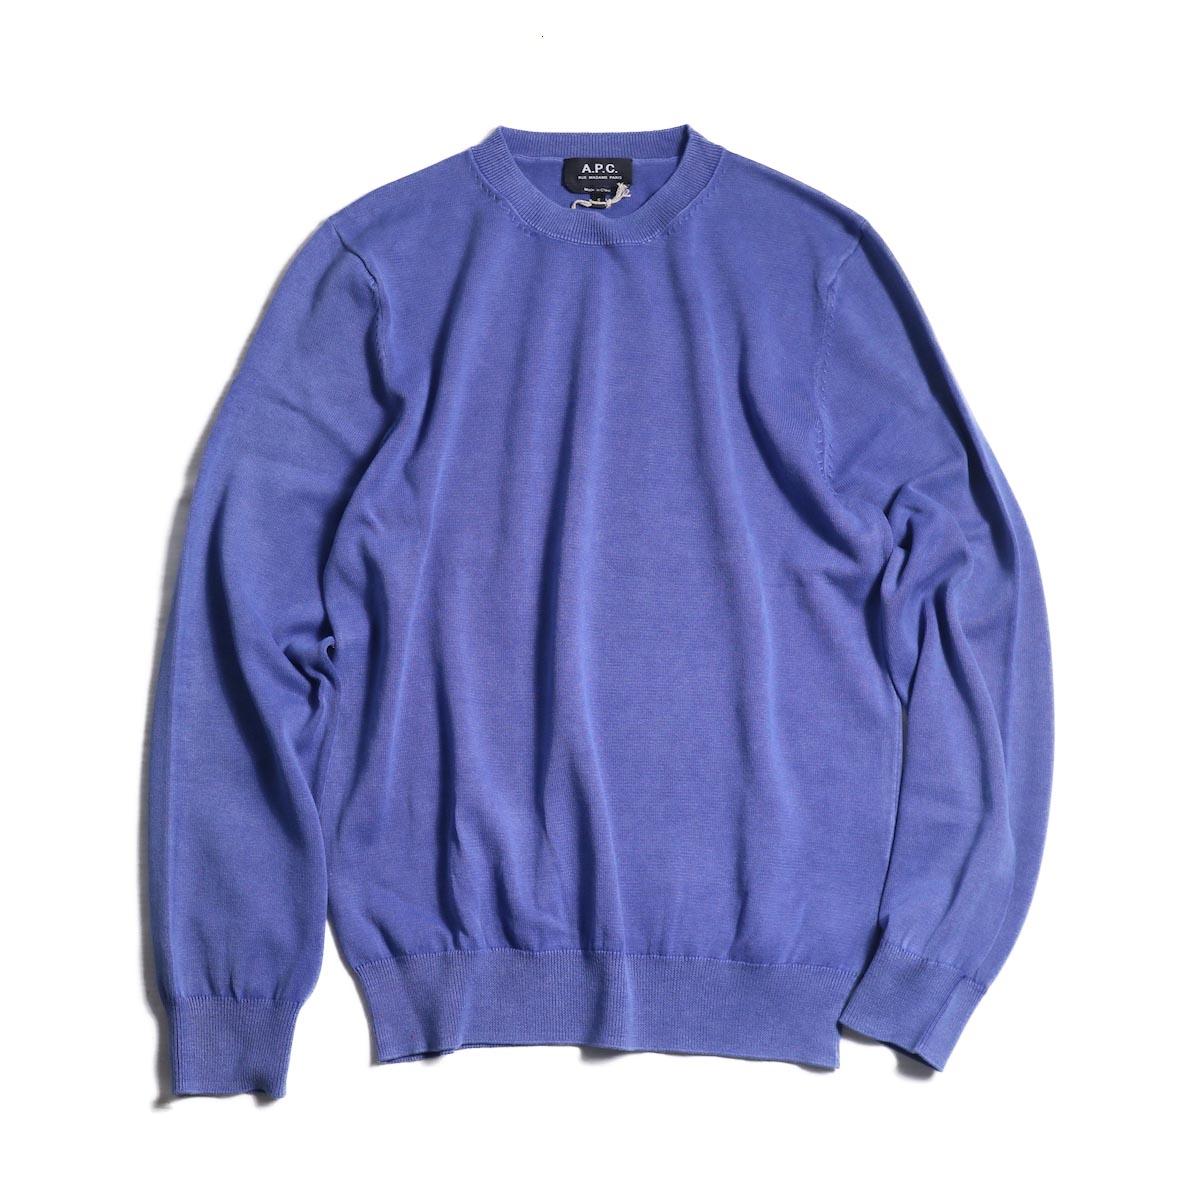 A.P.C. / Mecano Sweat Shirt -INDIGO